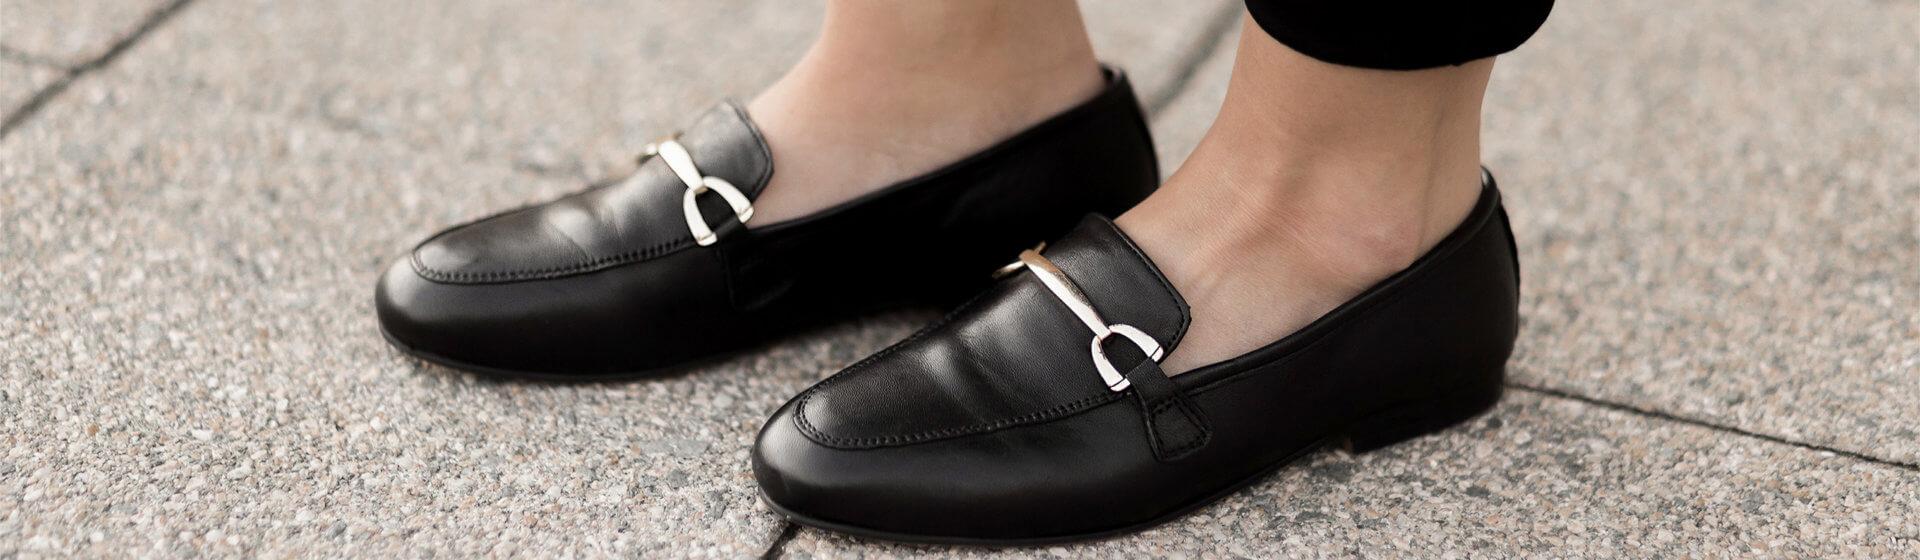 Loafer stylen stilvoll und modern, Schuhtrend 2019, Shoelove by Deichmann